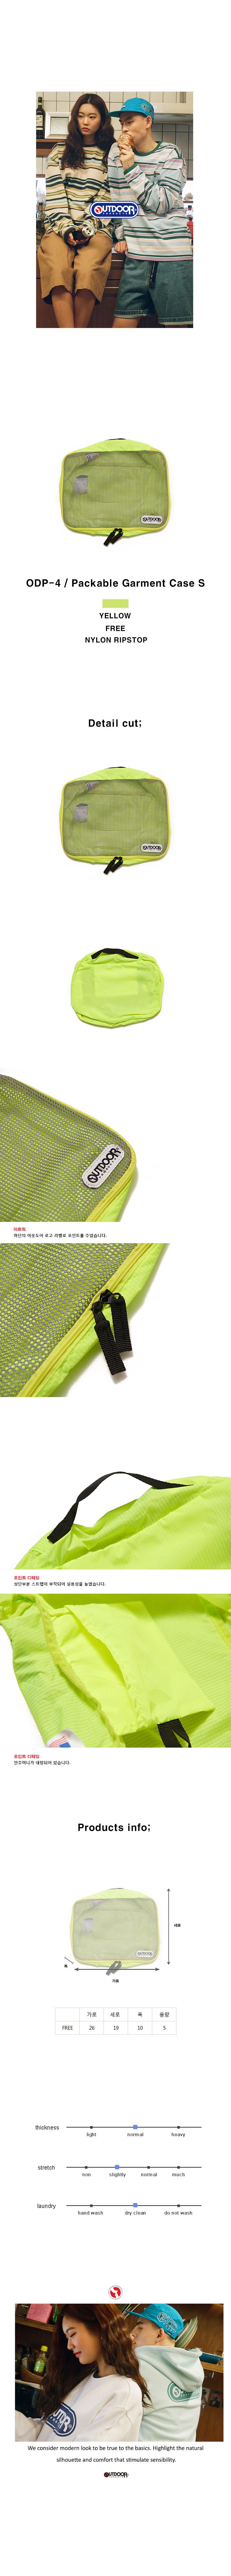 아웃도어 프로덕츠(OUTDOOR PRODUCTS) ODP-4 / Packable Garment Case S 19SP